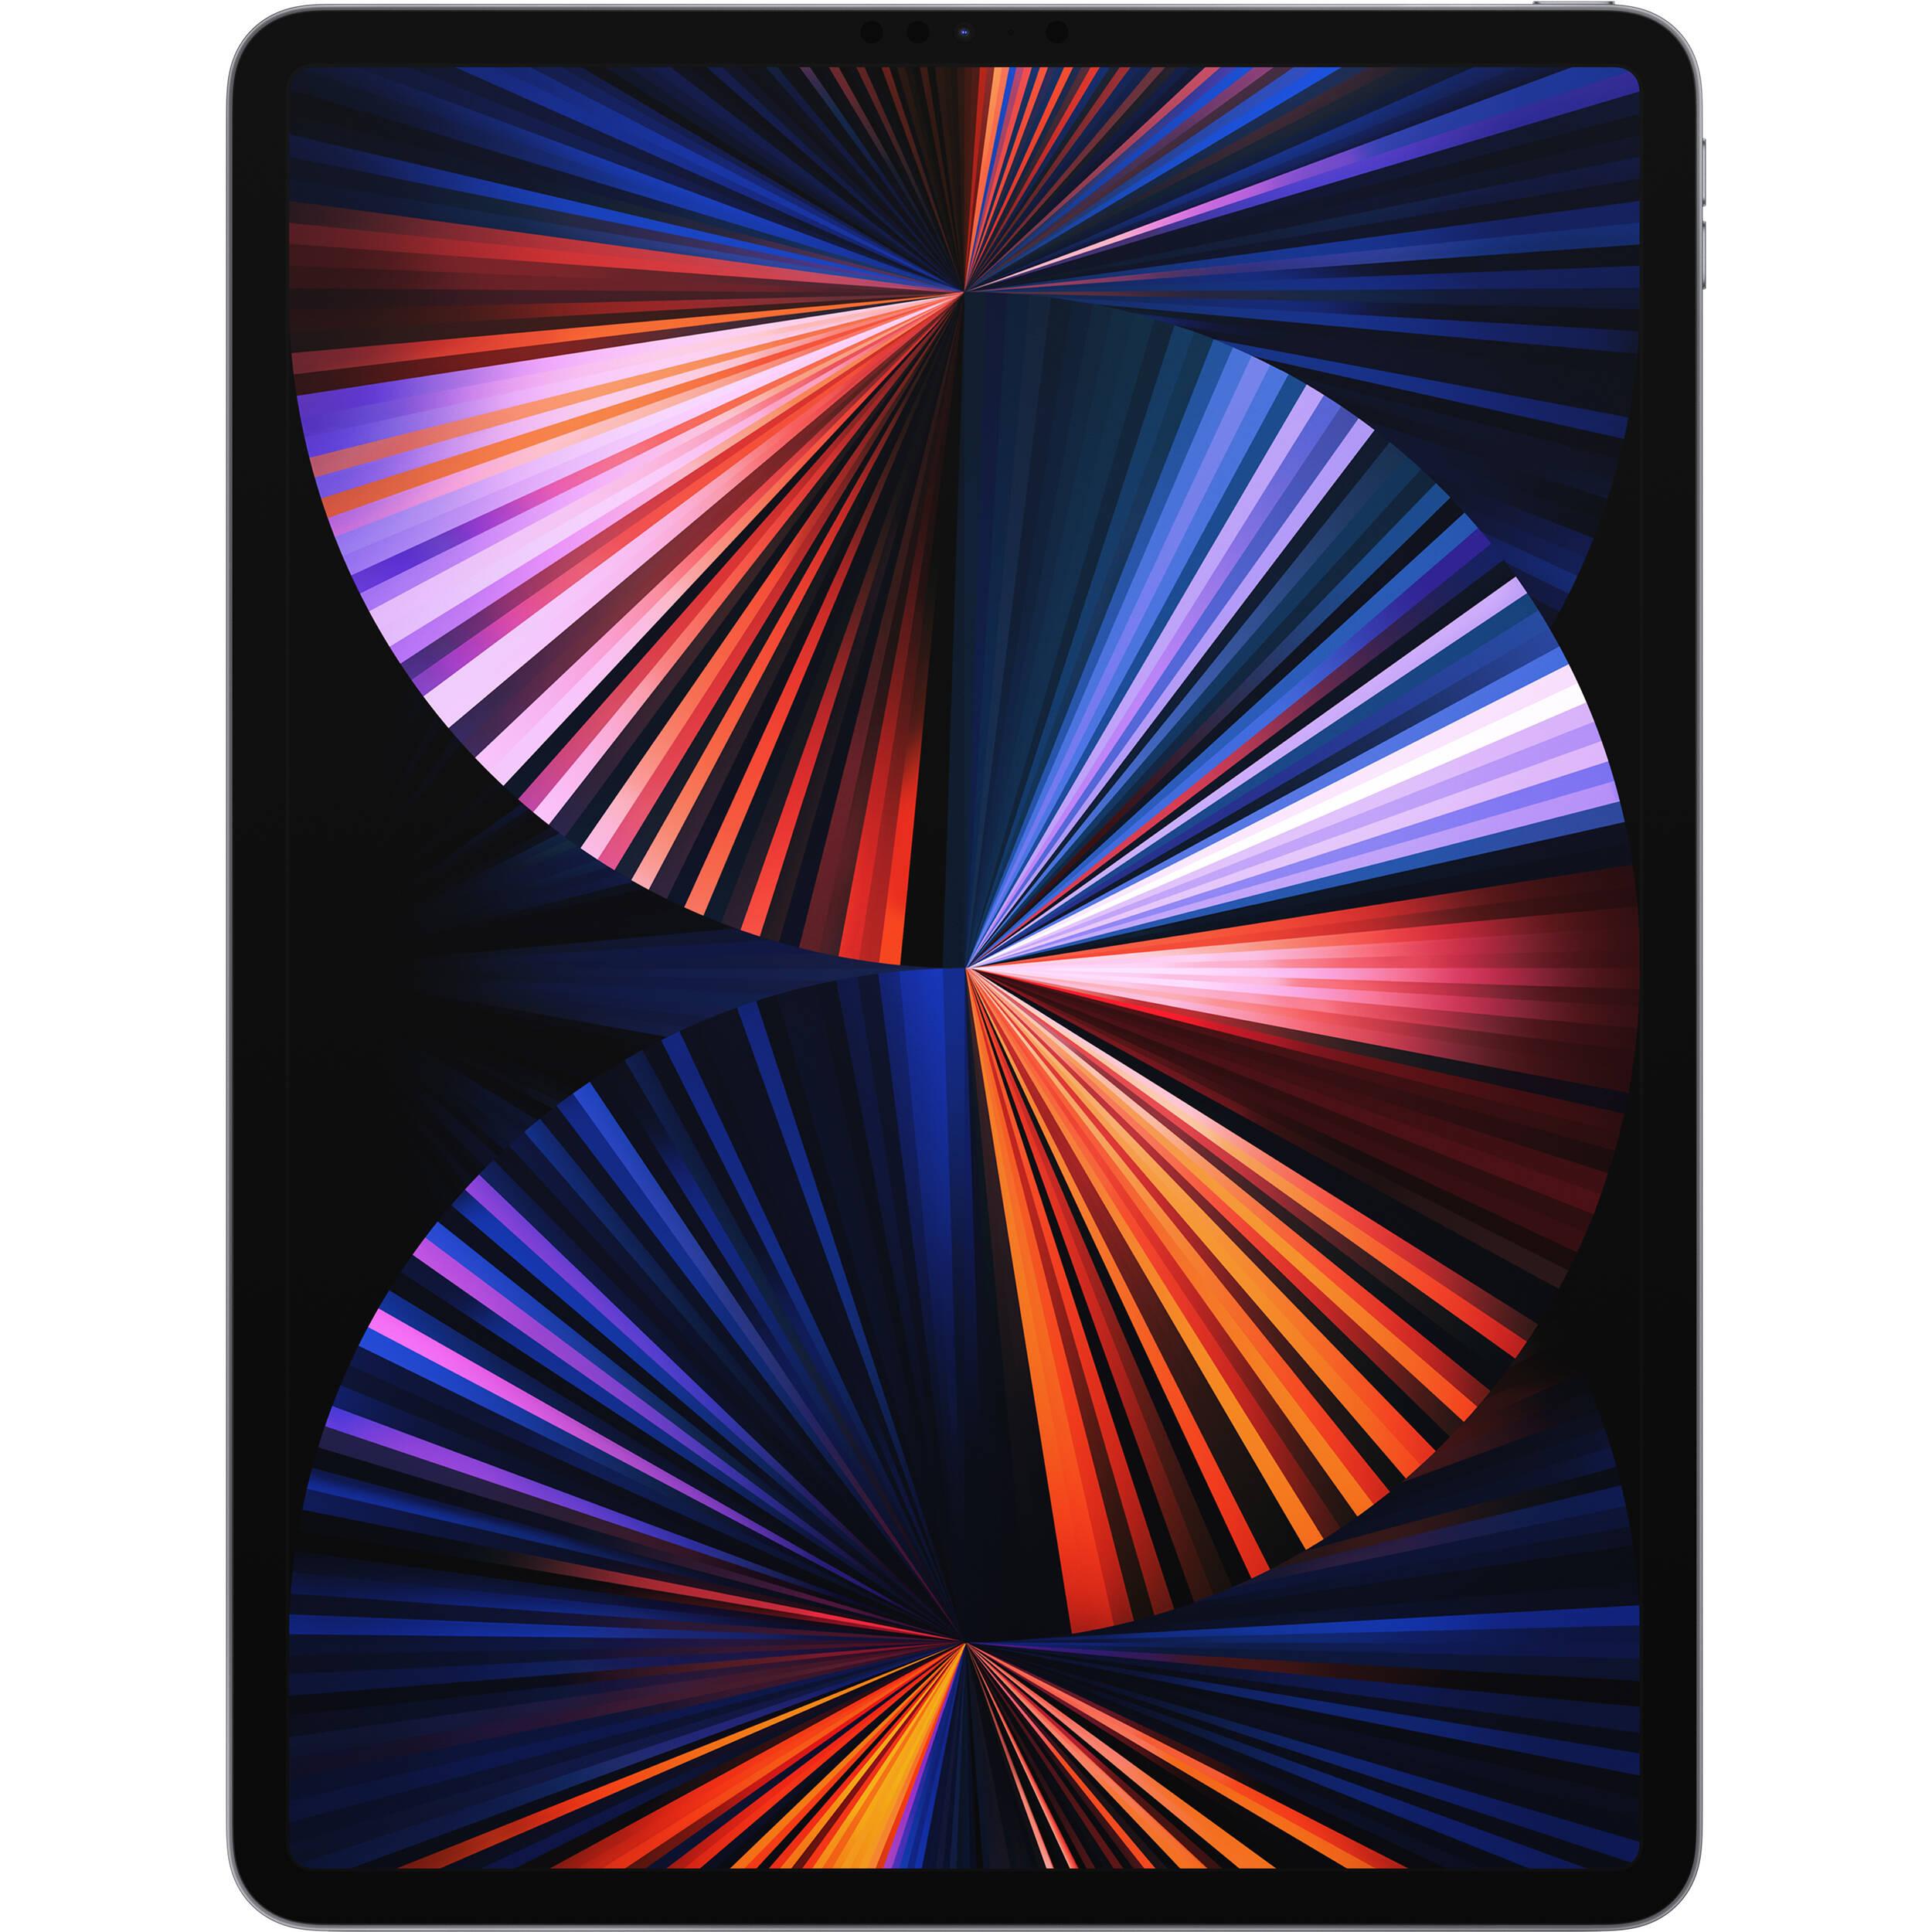 تبلت اپل مدل iPad Pro 12.9 inch 2021 WiFi ظرفیت 512 گیگابایت